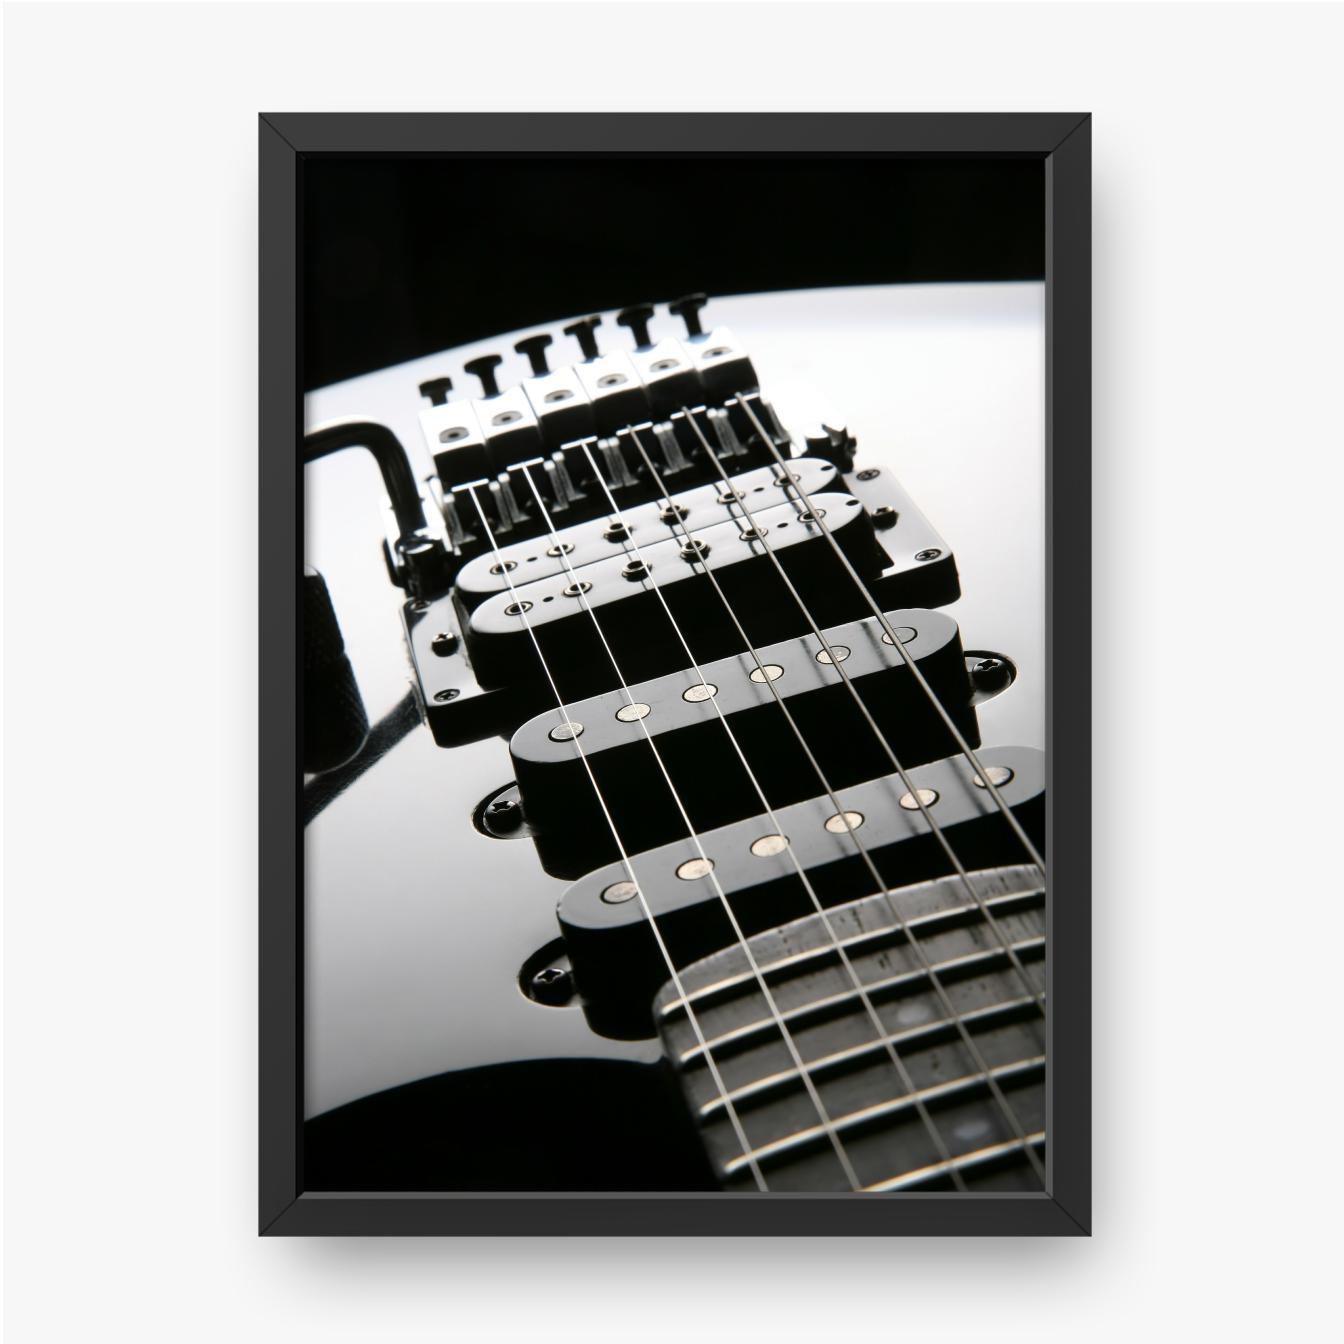 Podświetlony fragment gitary na czarnym tle